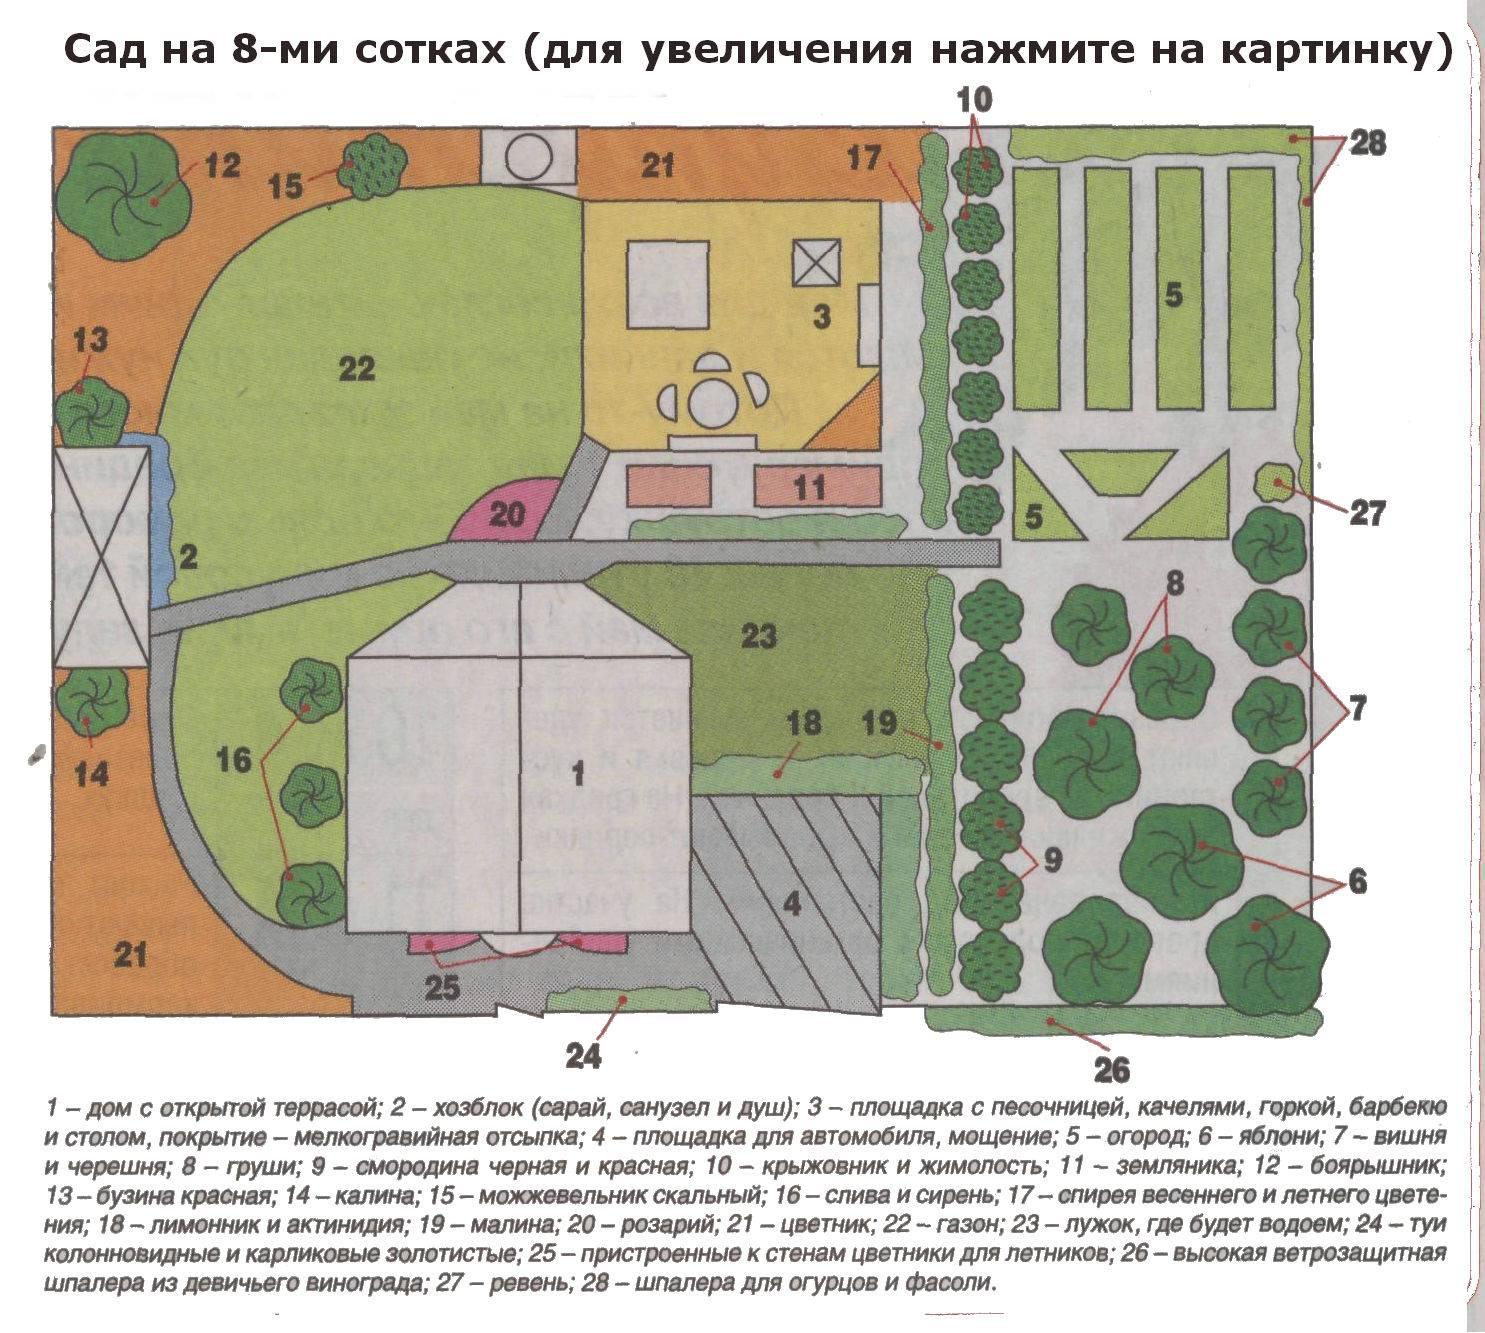 Как составить план застройки земельного участка под ижс?